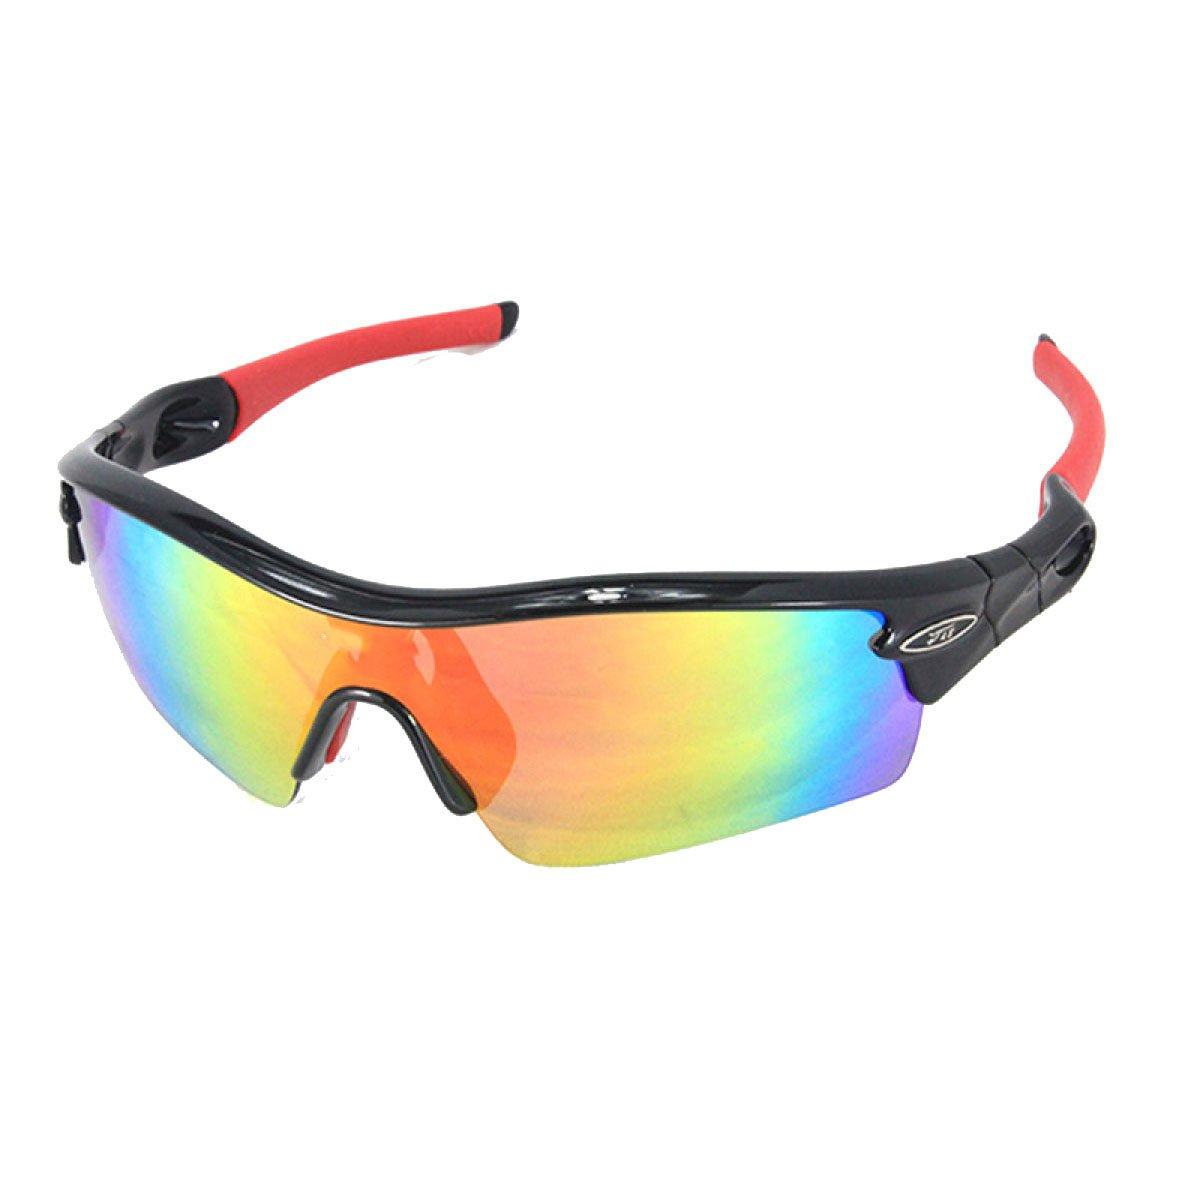 TZQ Riding Glasses Wind Mirrors Gafas Multifuncionales Polarizadas Gafas De Sol Antiempañamiento Al Aire Libre Gafas De Sol,E: Amazon.es: Jardín